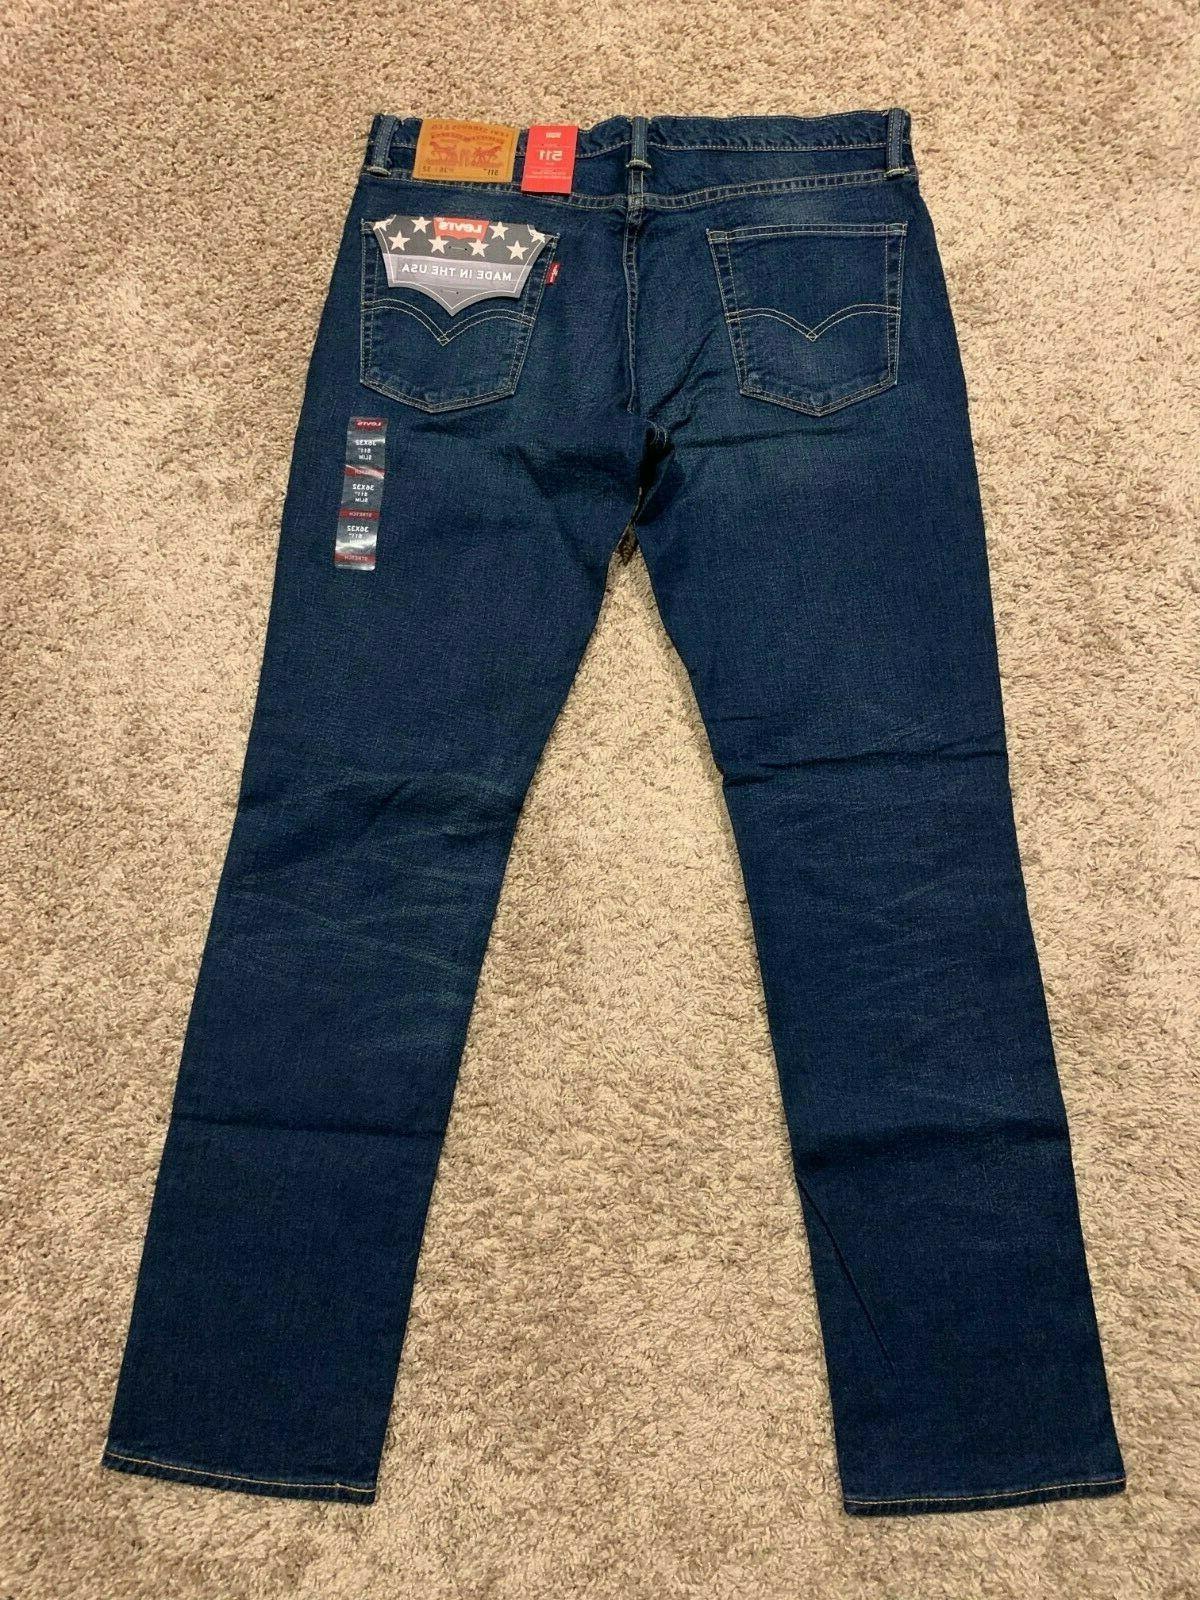 Levi's Slim Made White Oak Cone Jeans